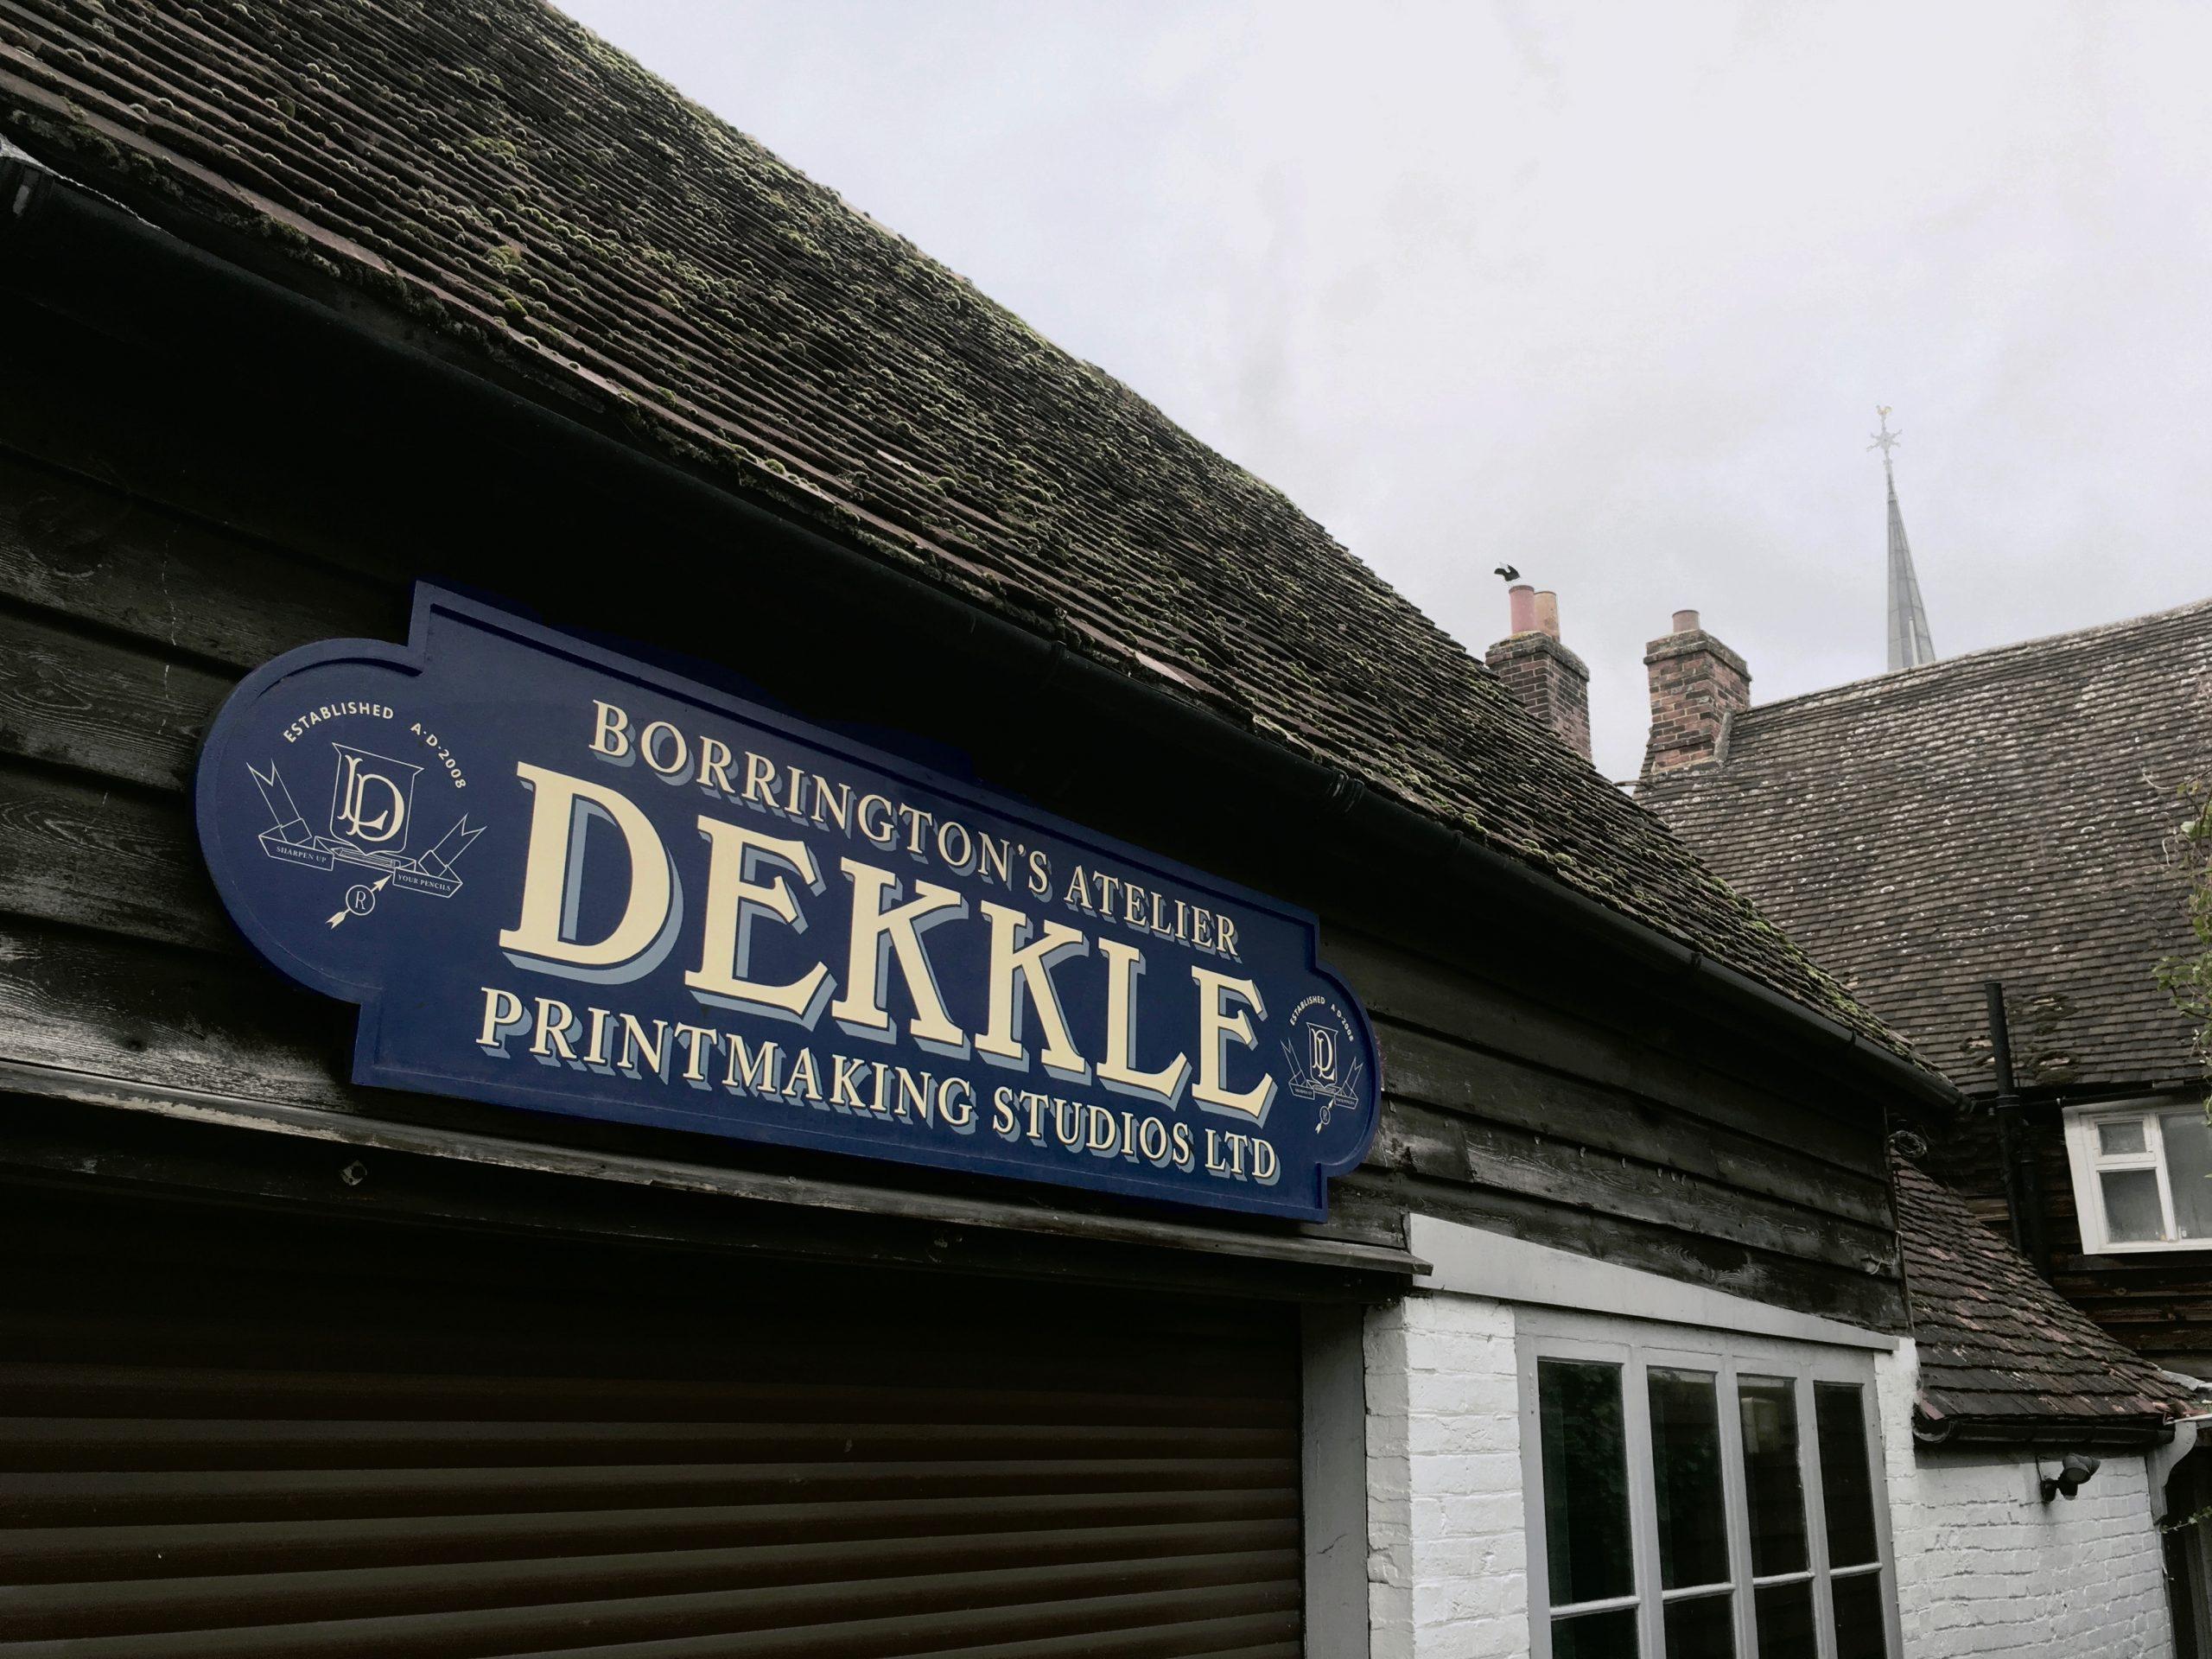 Dekkle Printmaker